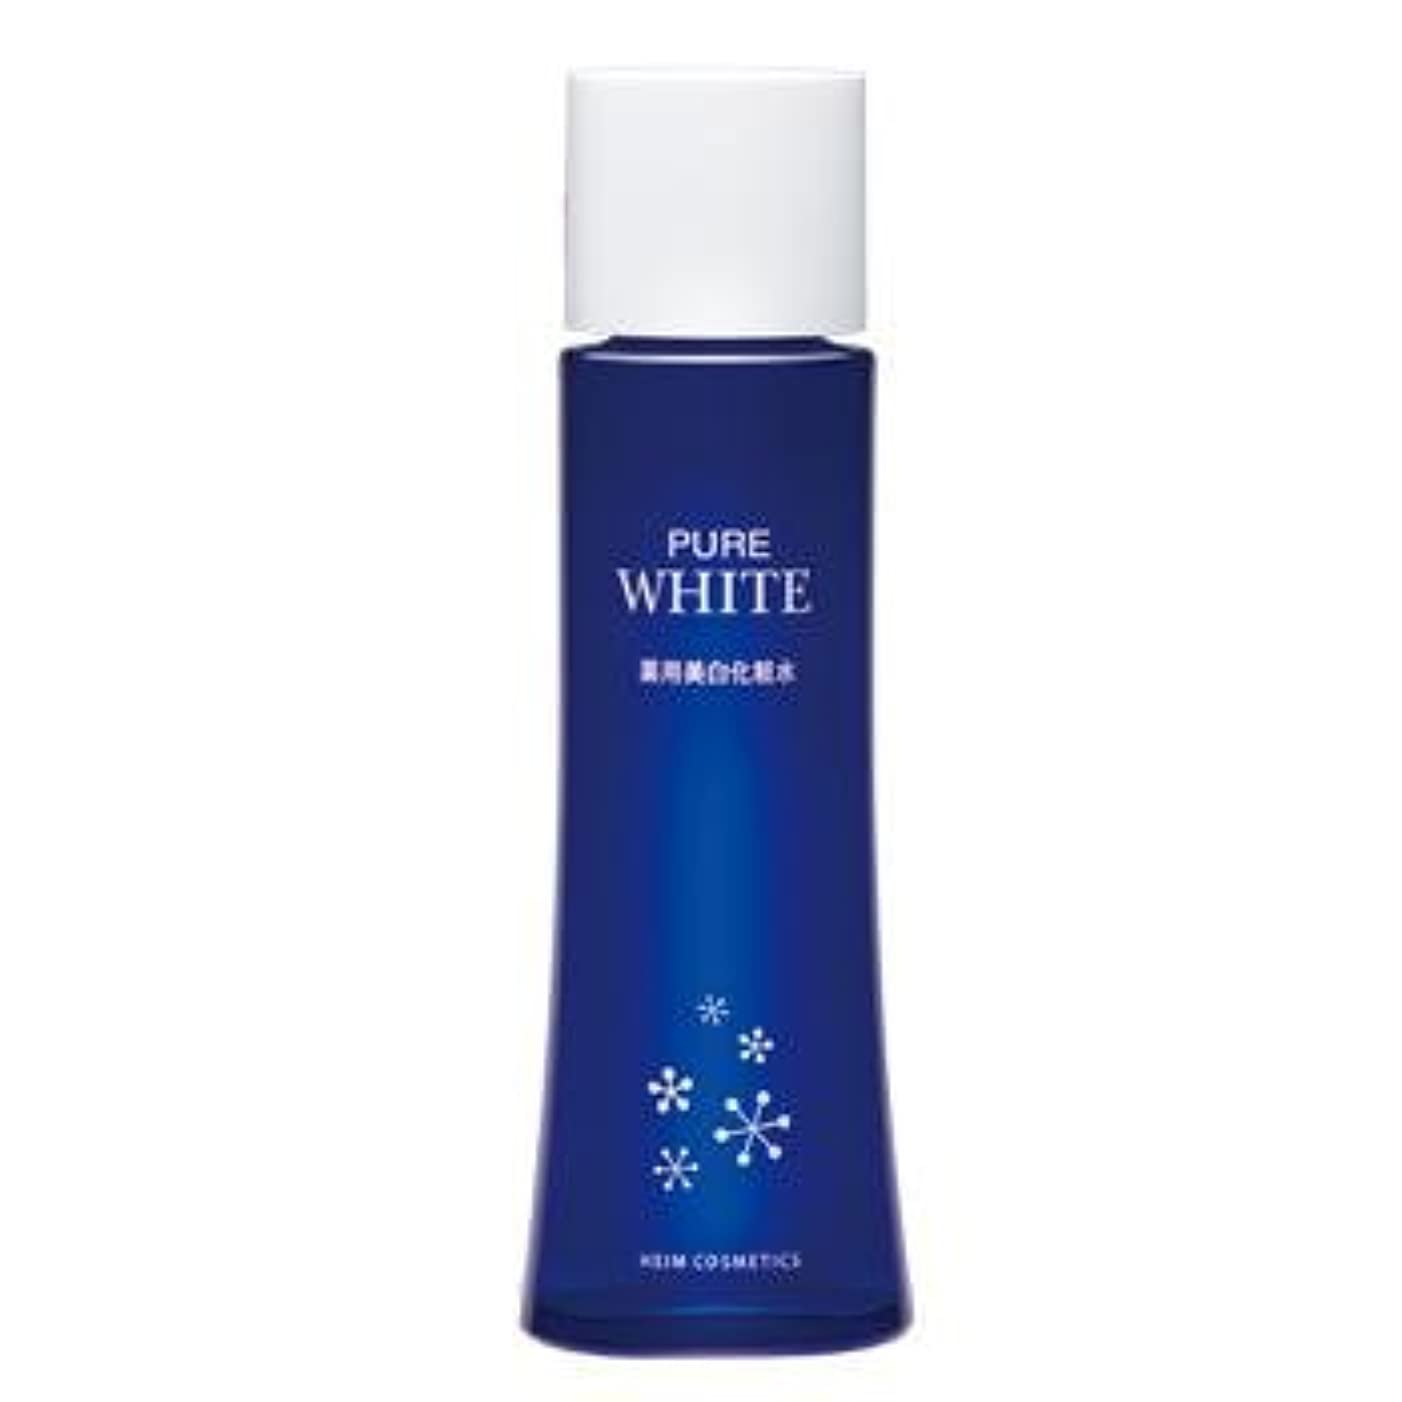 風が強い鉛筆バイナリハイム化粧品/薬用ピュアホワイト/化粧水(しっとり)【乾燥しやすい肌に美白とうるおいを】